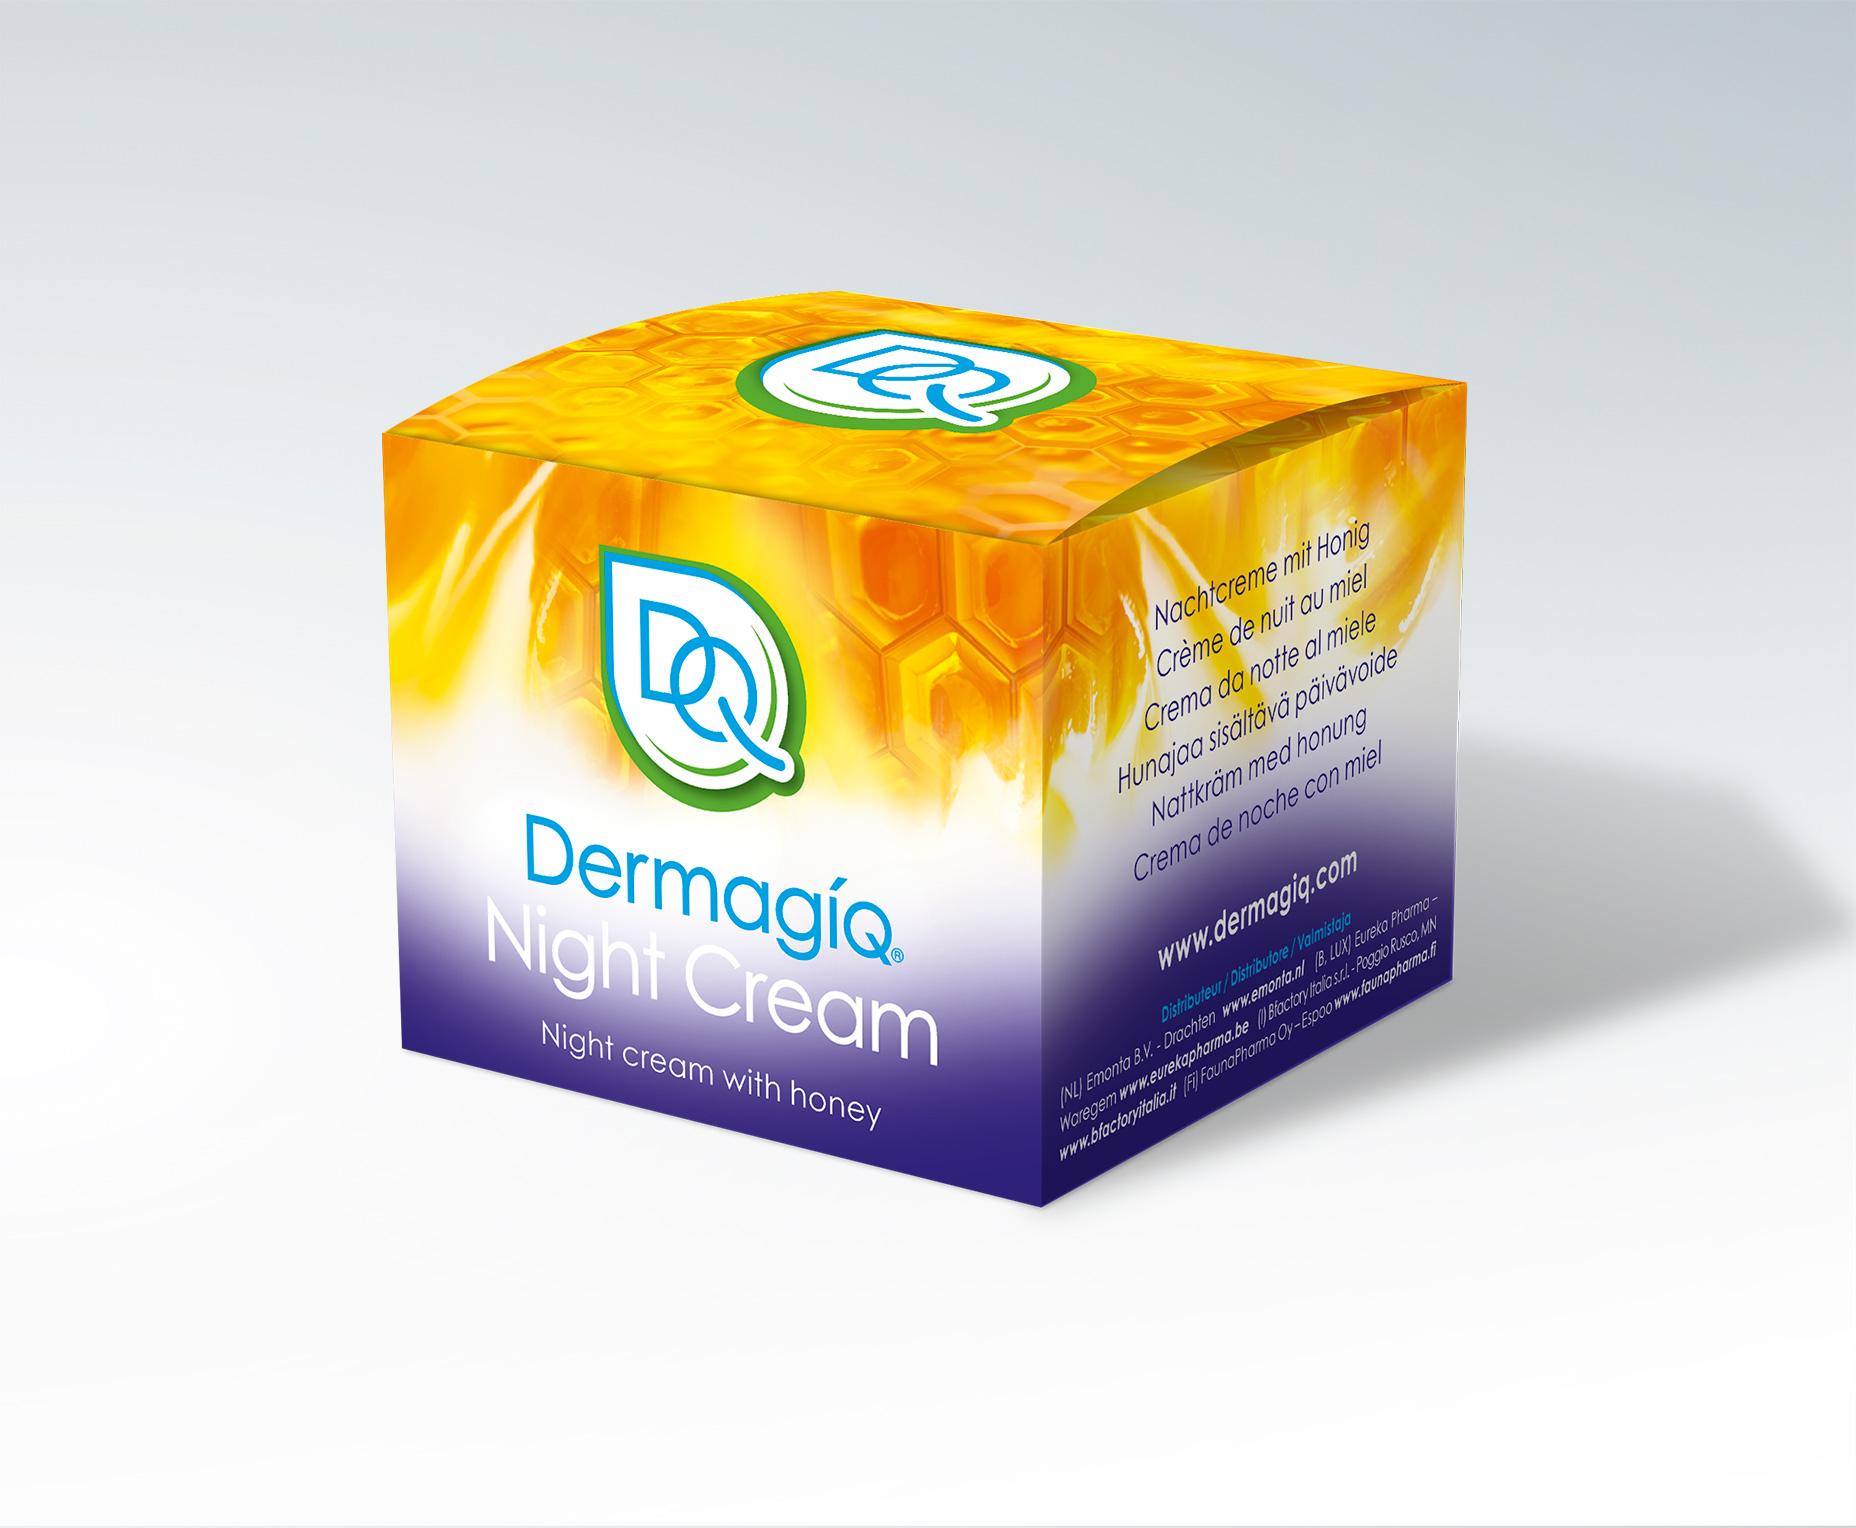 Dermagiq Night Cream